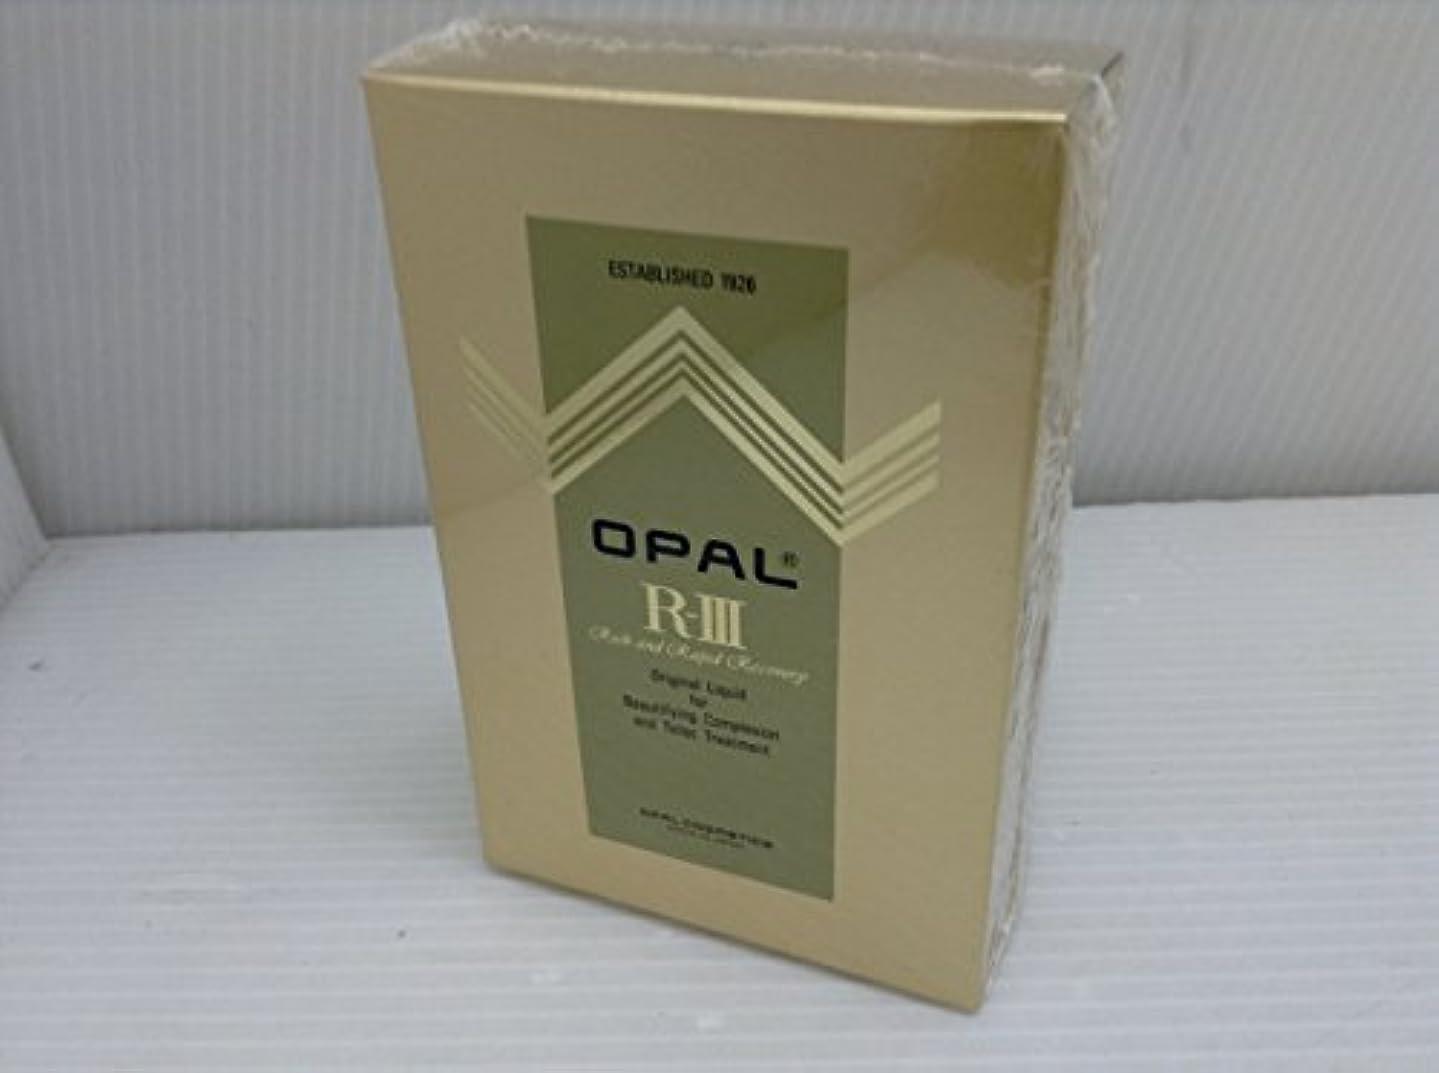 無効にする調和ジャズオパール化粧品 美容原液 薬用オパール R-III (150ml)